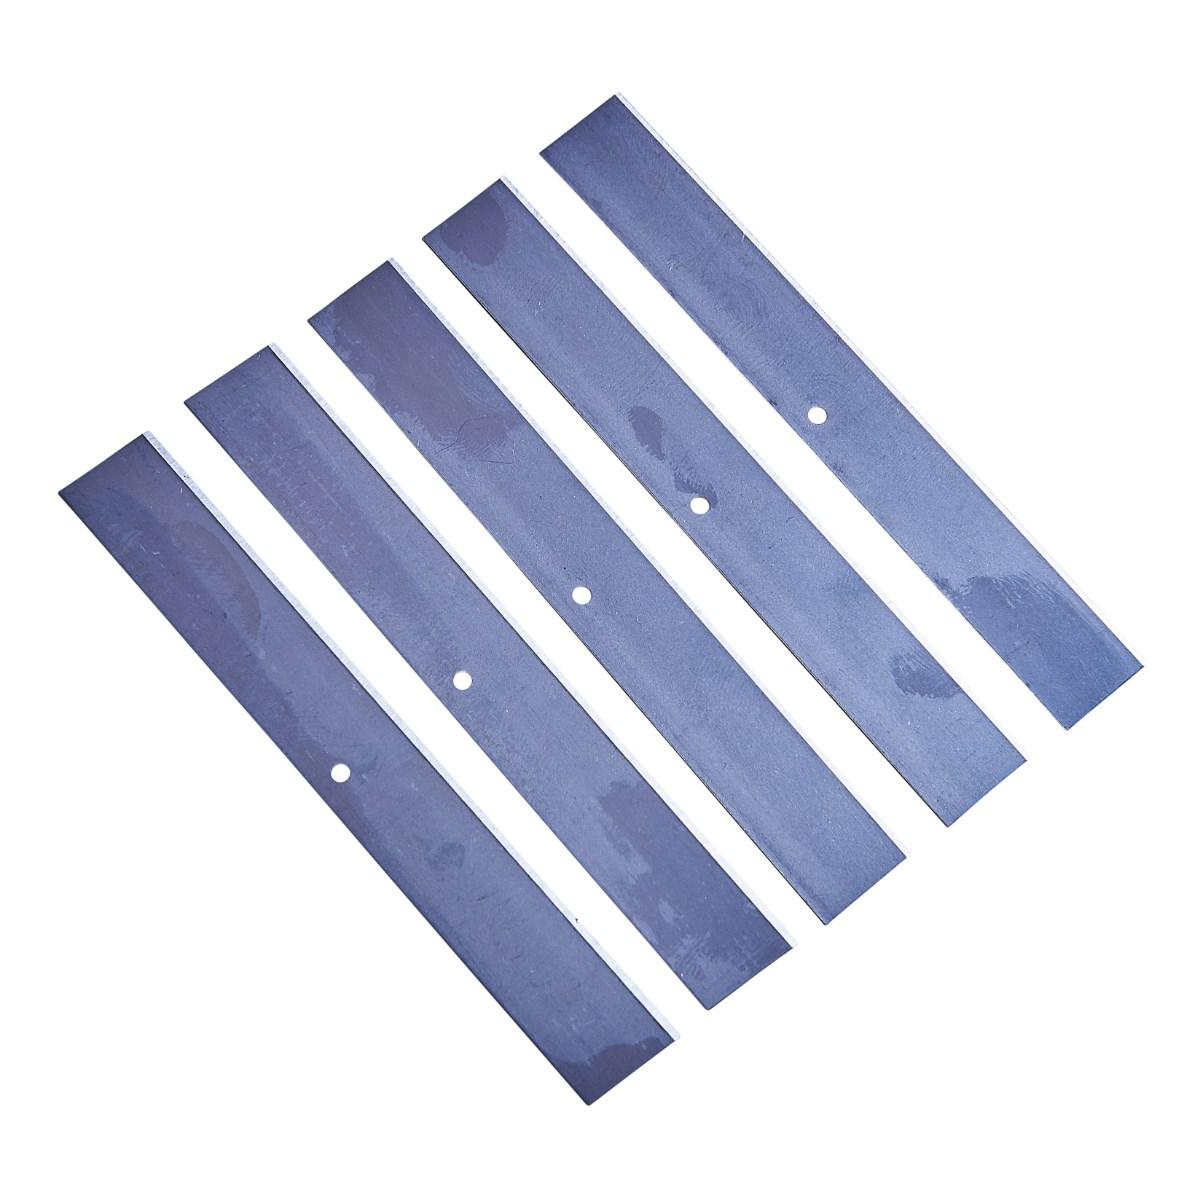 5pc Heavy Duty Wallpaper Scraper Blades Amtech